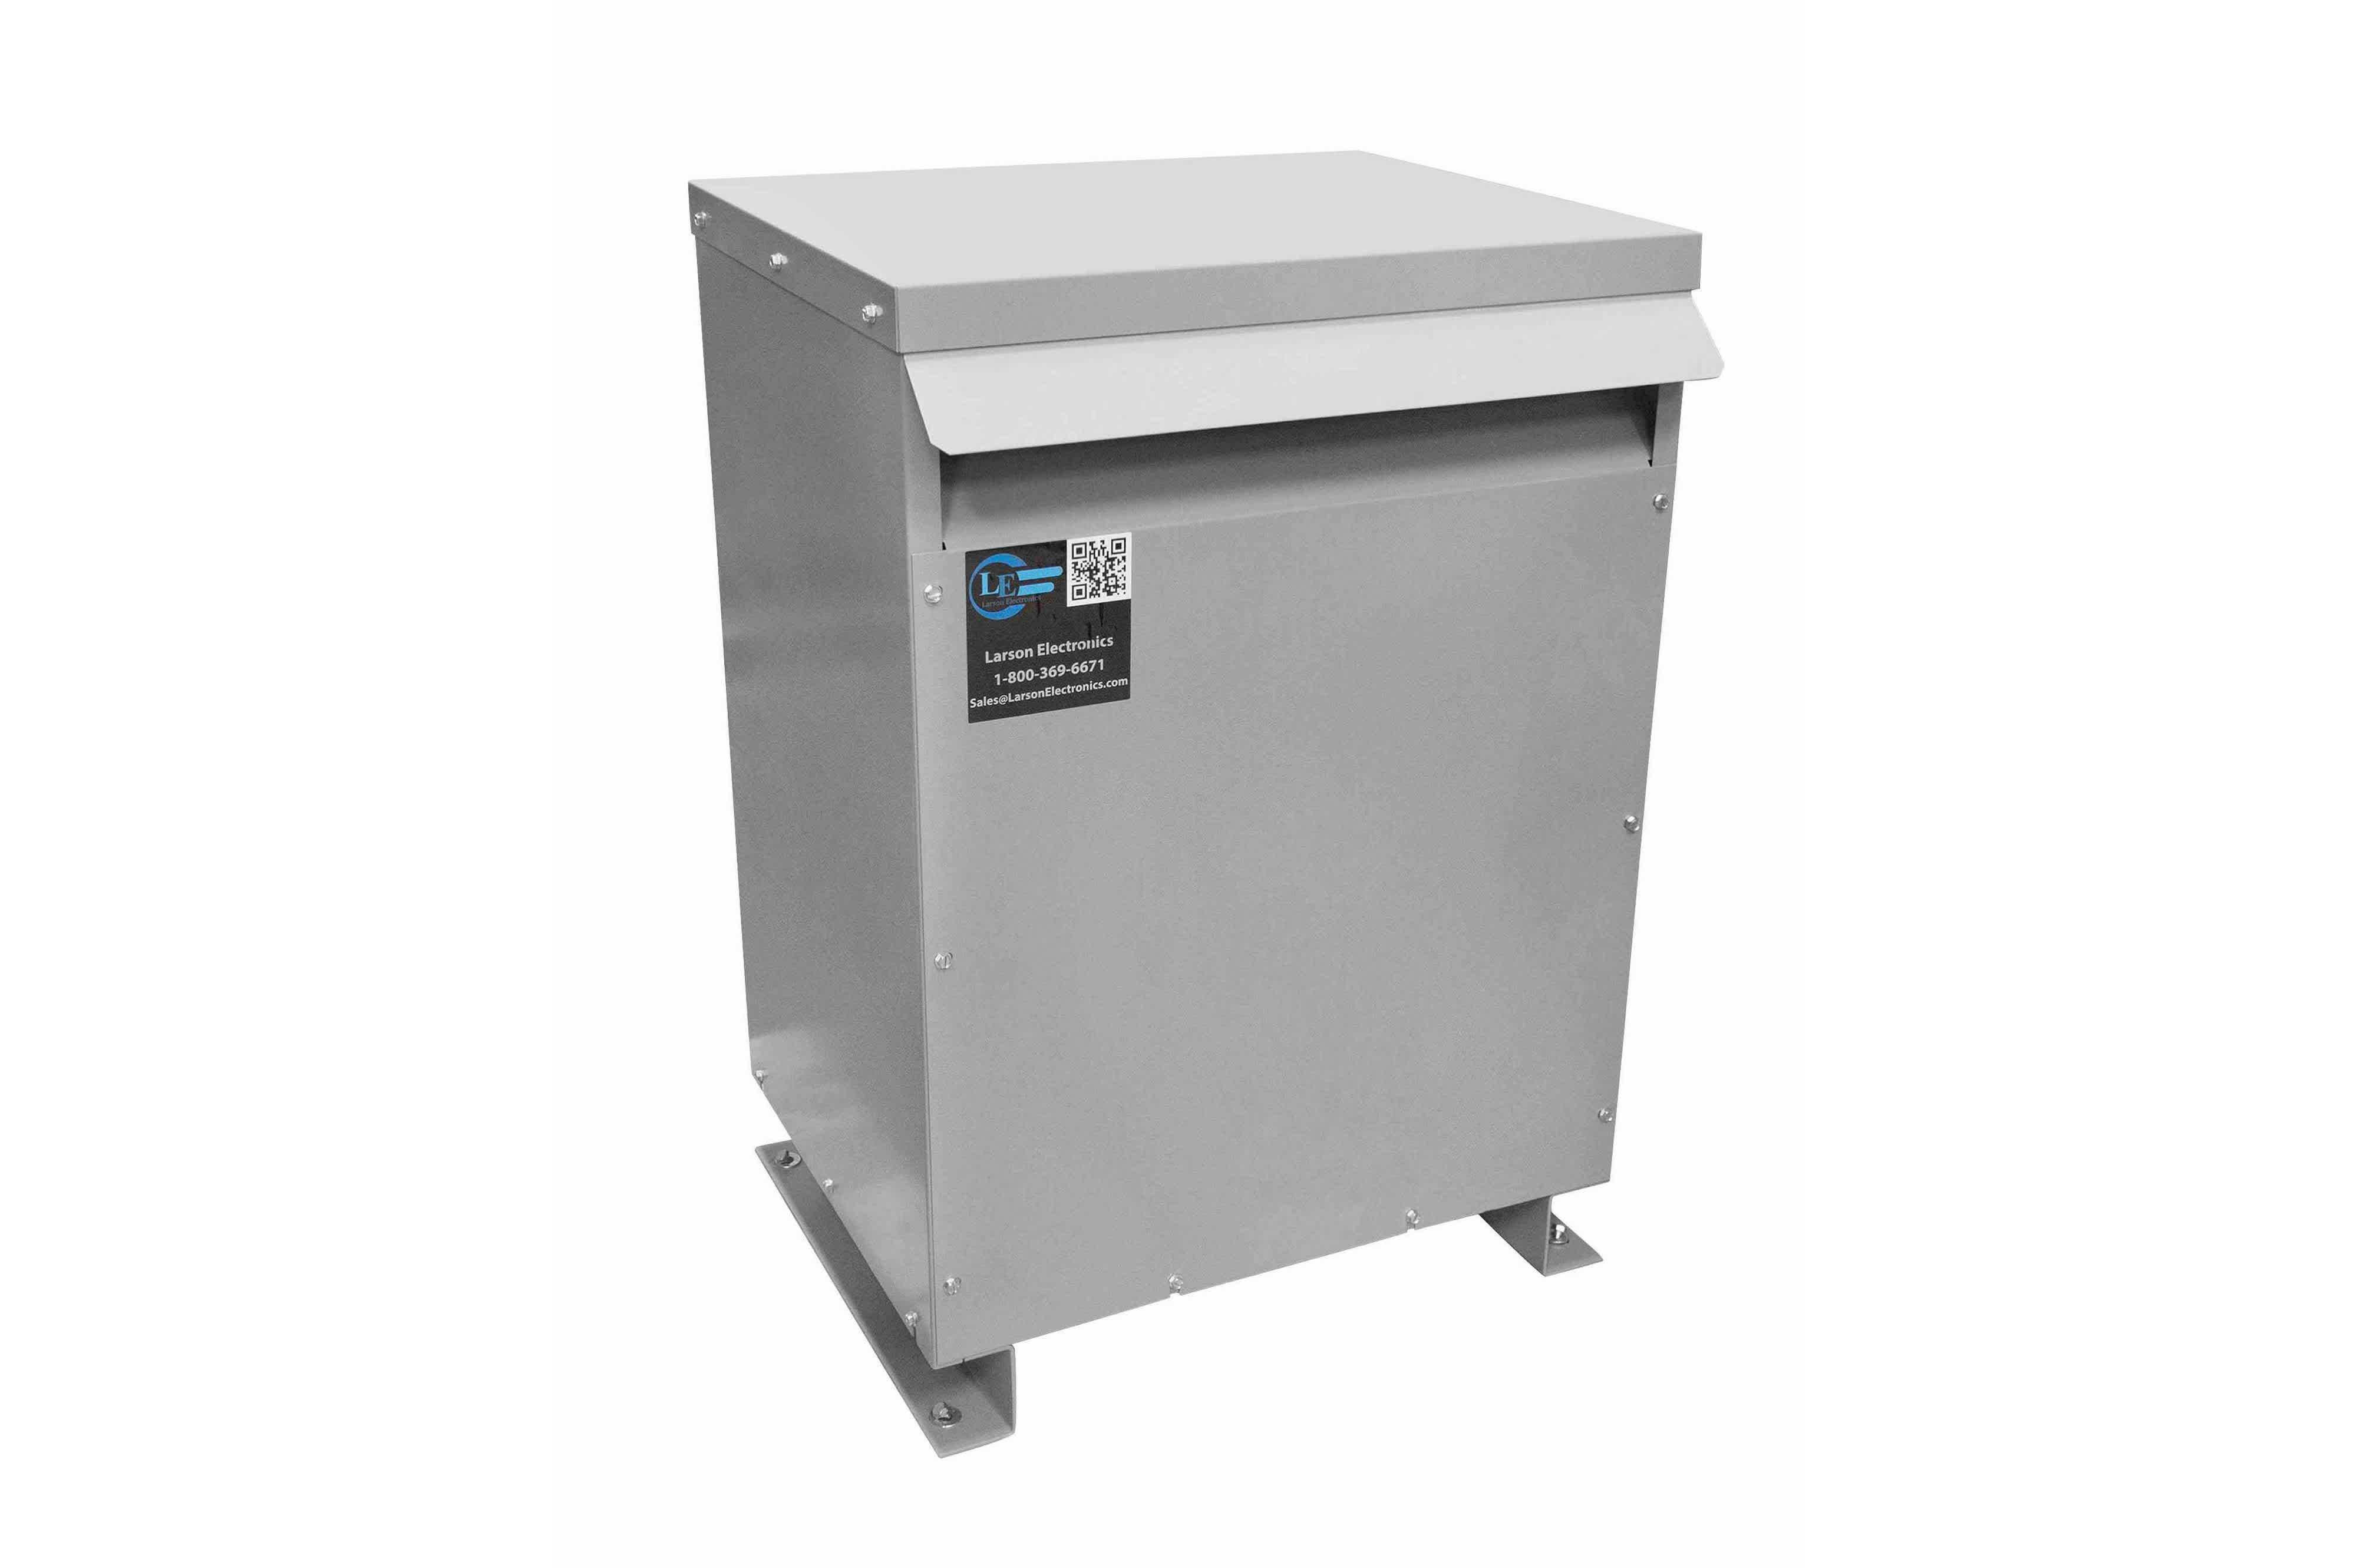 800 kVA 3PH Isolation Transformer, 220V Delta Primary, 208V Delta Secondary, N3R, Ventilated, 60 Hz